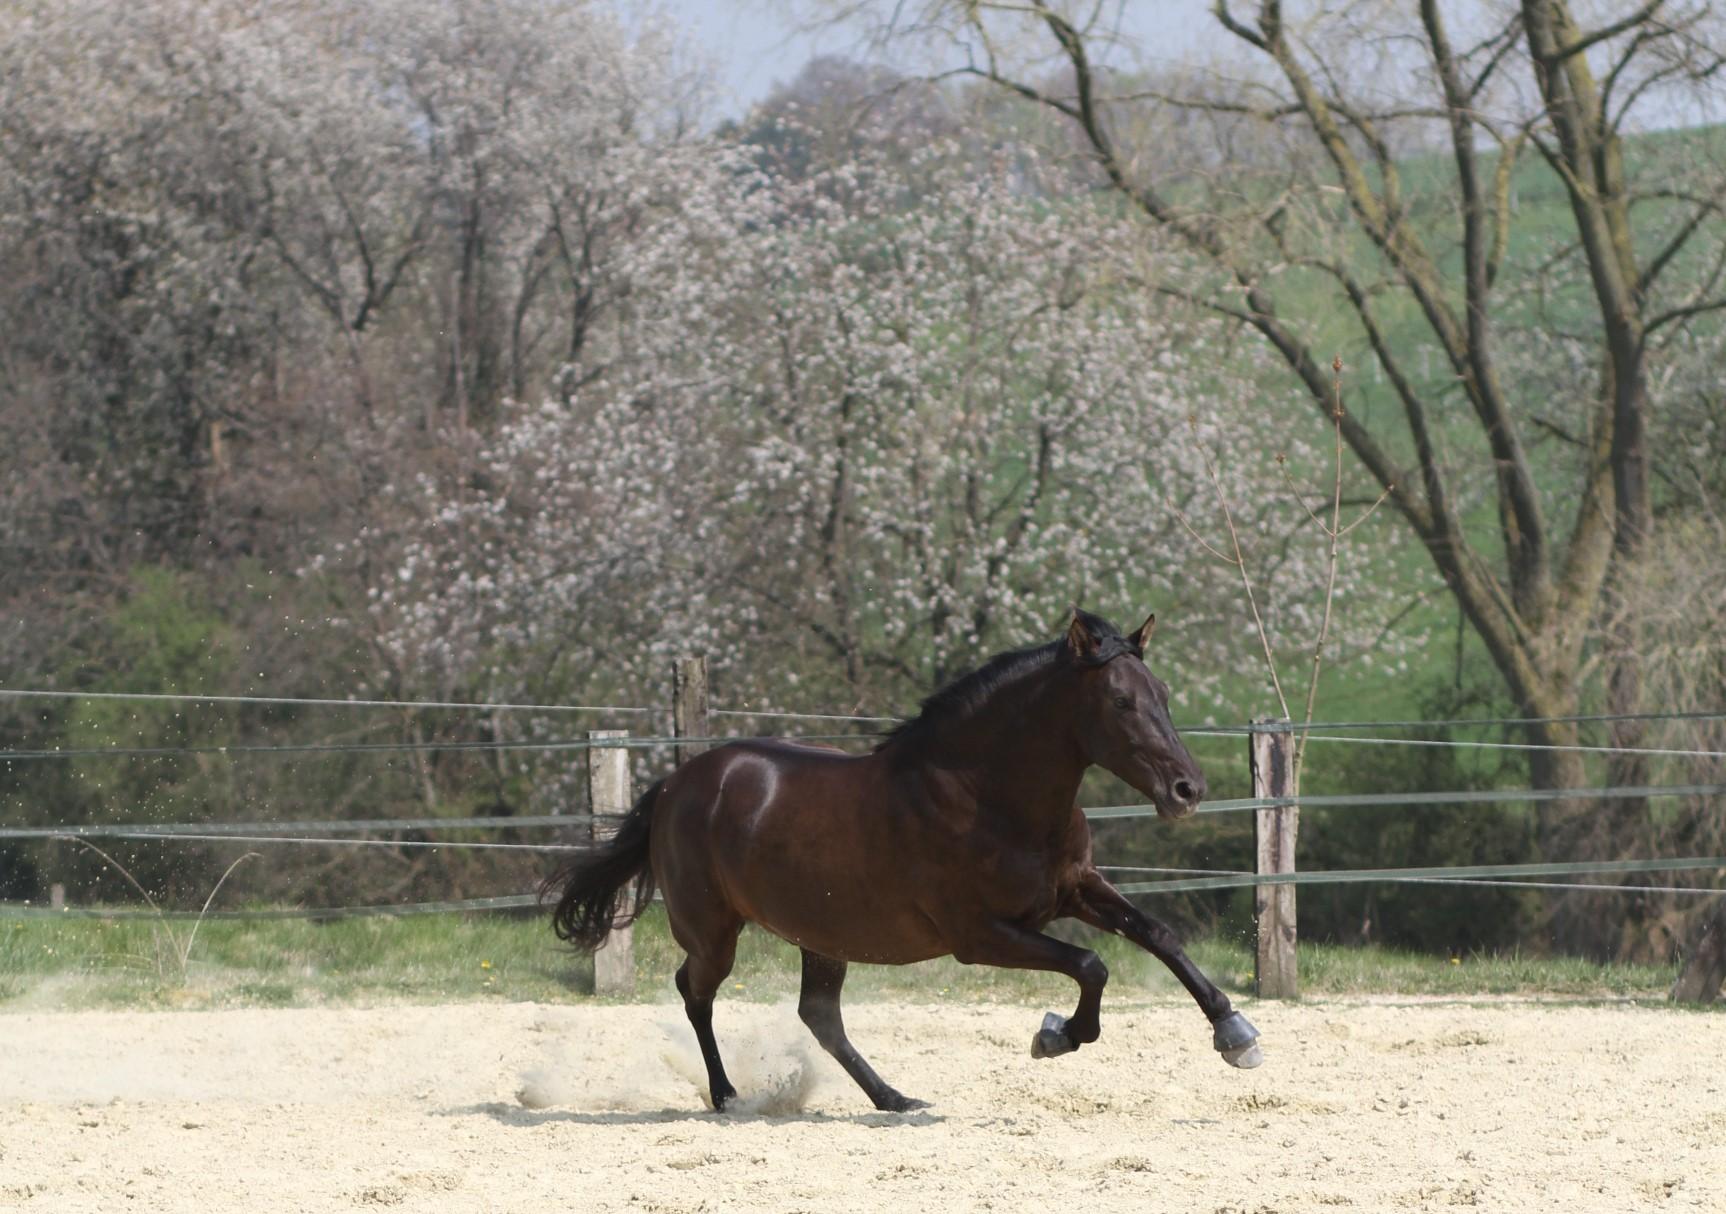 Ein galoppierendes Pferd vor blühenden Bäumen